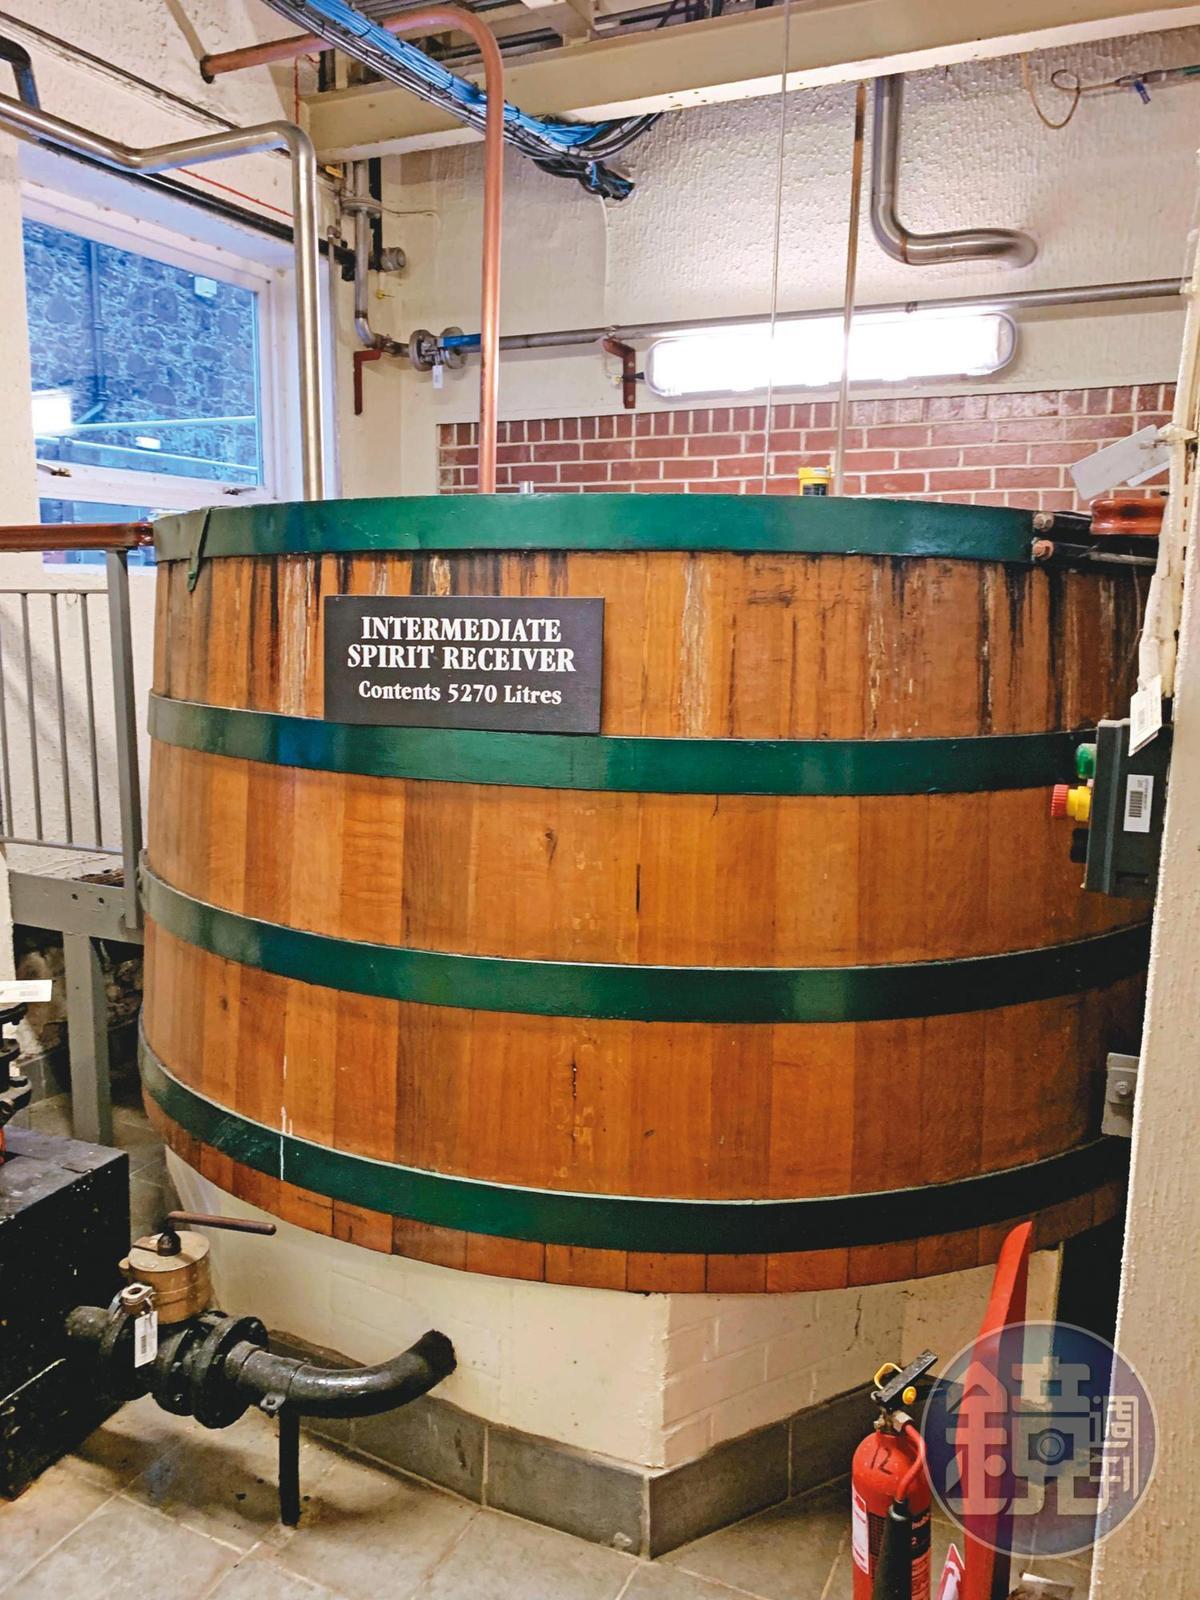 這個木製的新酒儲存槽,是繼糖化槽、磨麥機之外,又一個歐本酒廠仍現役的歷史文物。